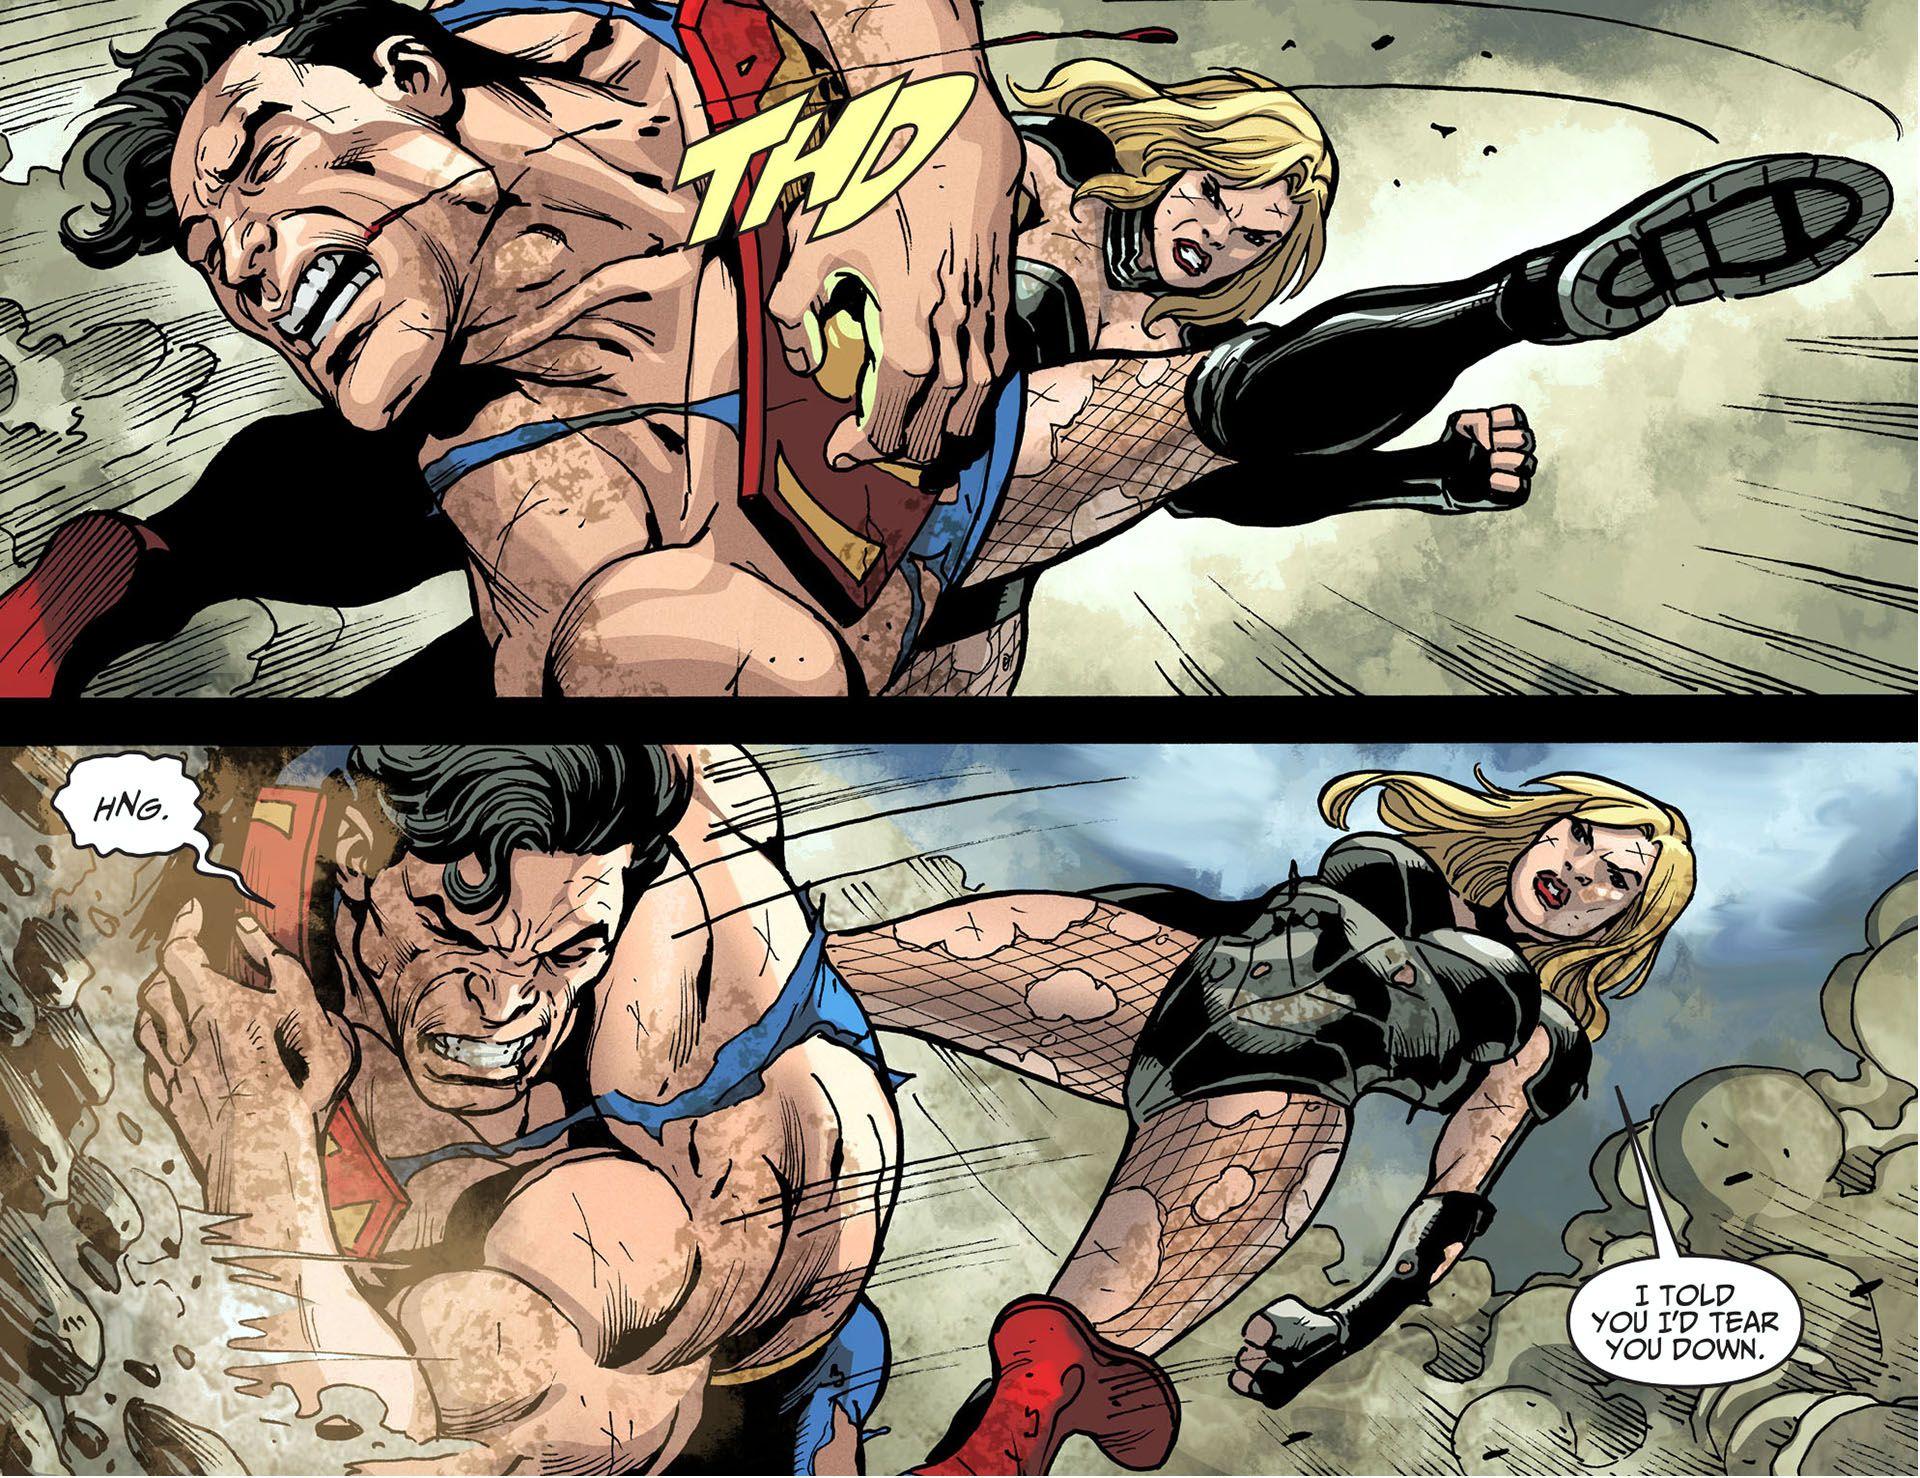 [Jeu] Tournois DC Comics Hand-to-hand ! C36c920da221ca757f5cc29fe22efe8b